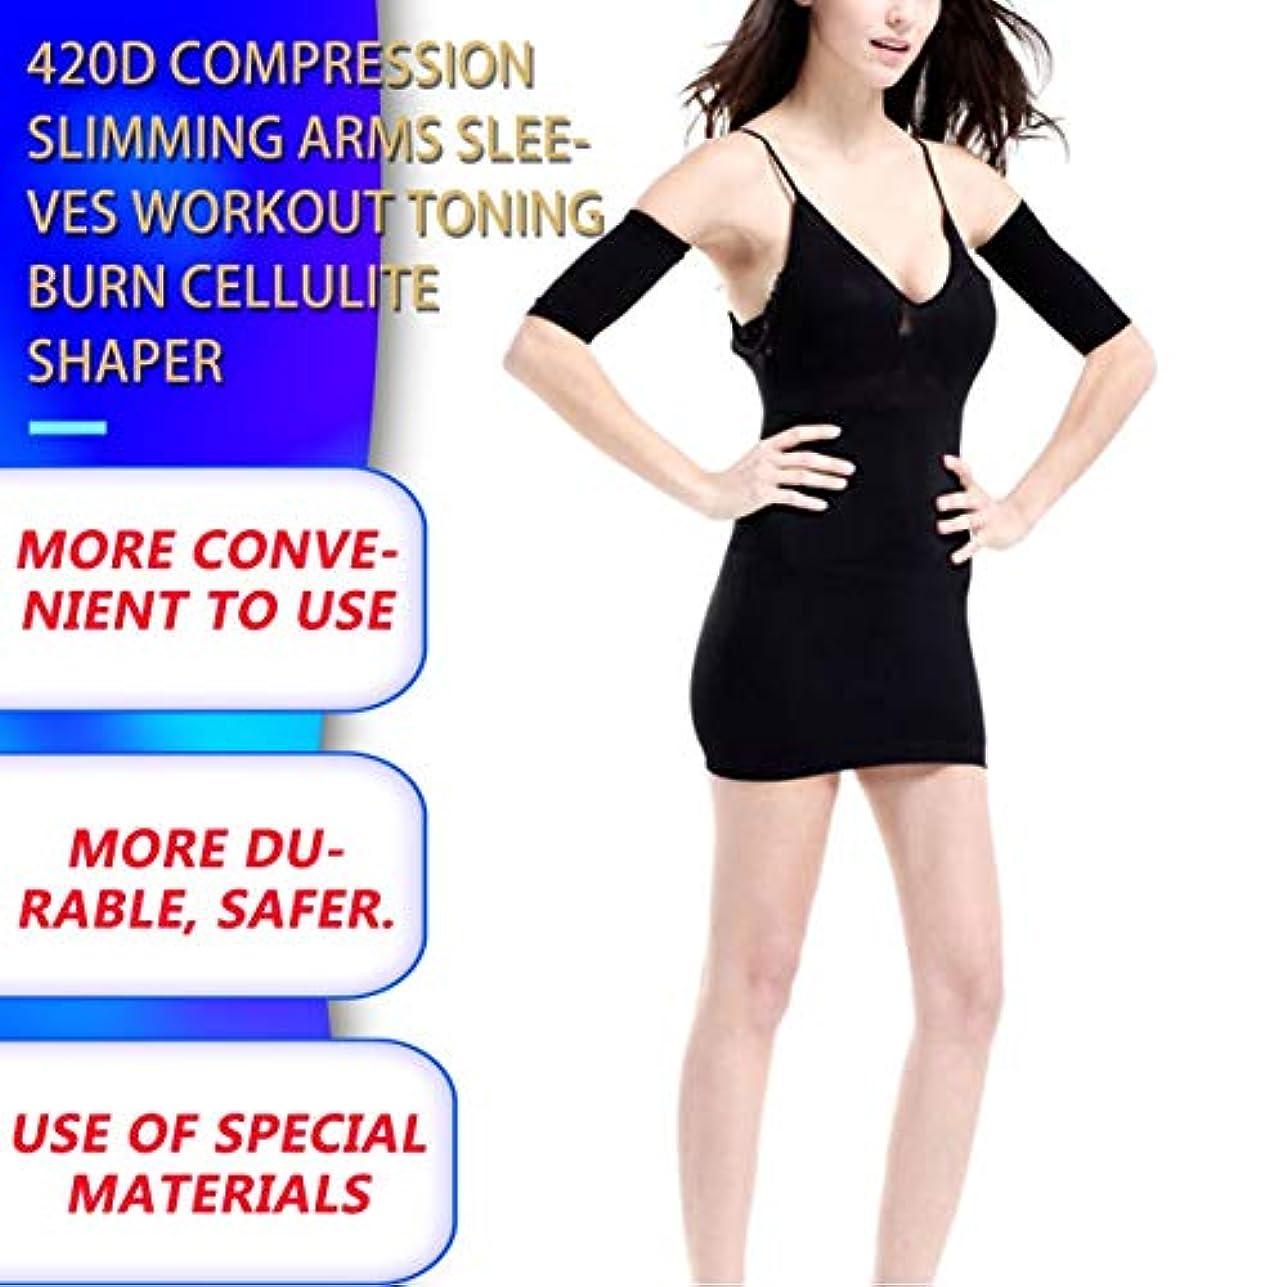 不当スペイン語揃える1ペア420 d圧縮痩身アームスリーブワークアウトトーニングバーンセルライトシェイパー脂肪燃焼袖用女性